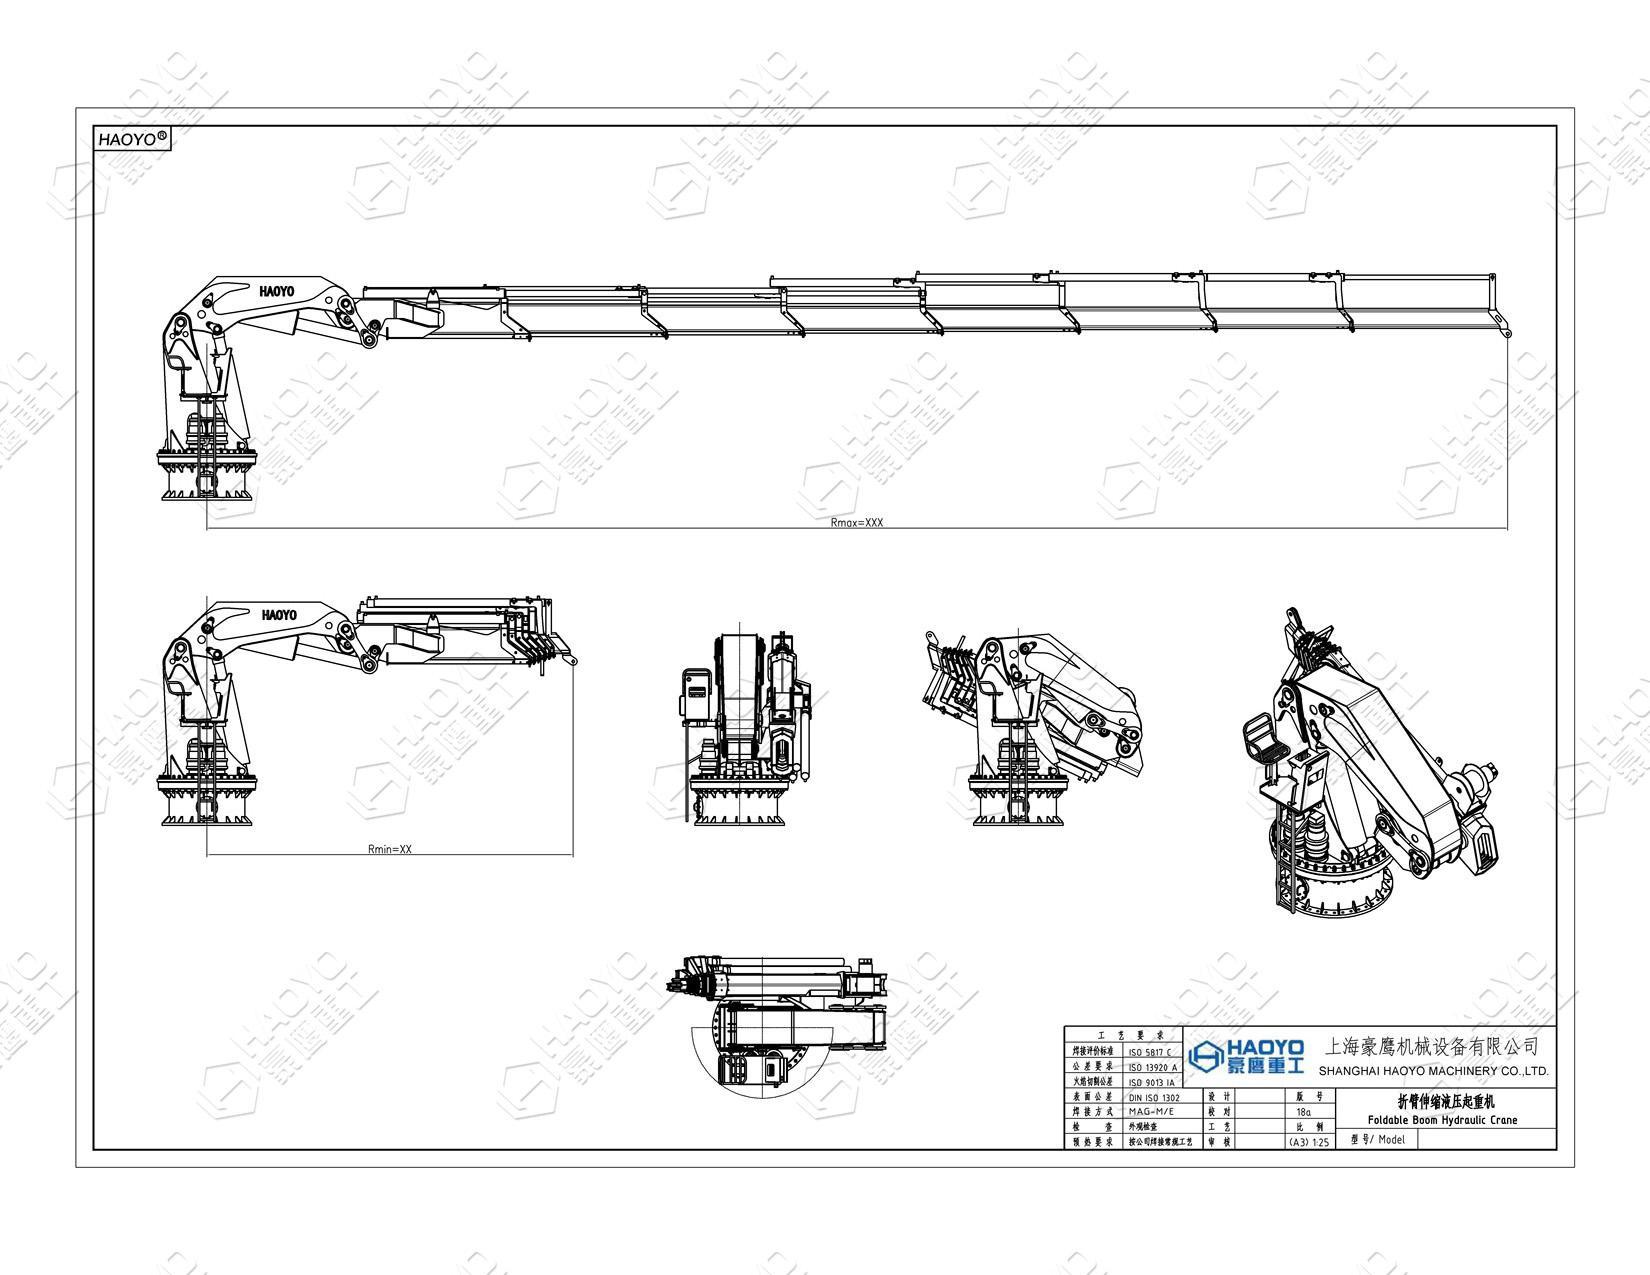 伸缩折臂吊机设计销售 3